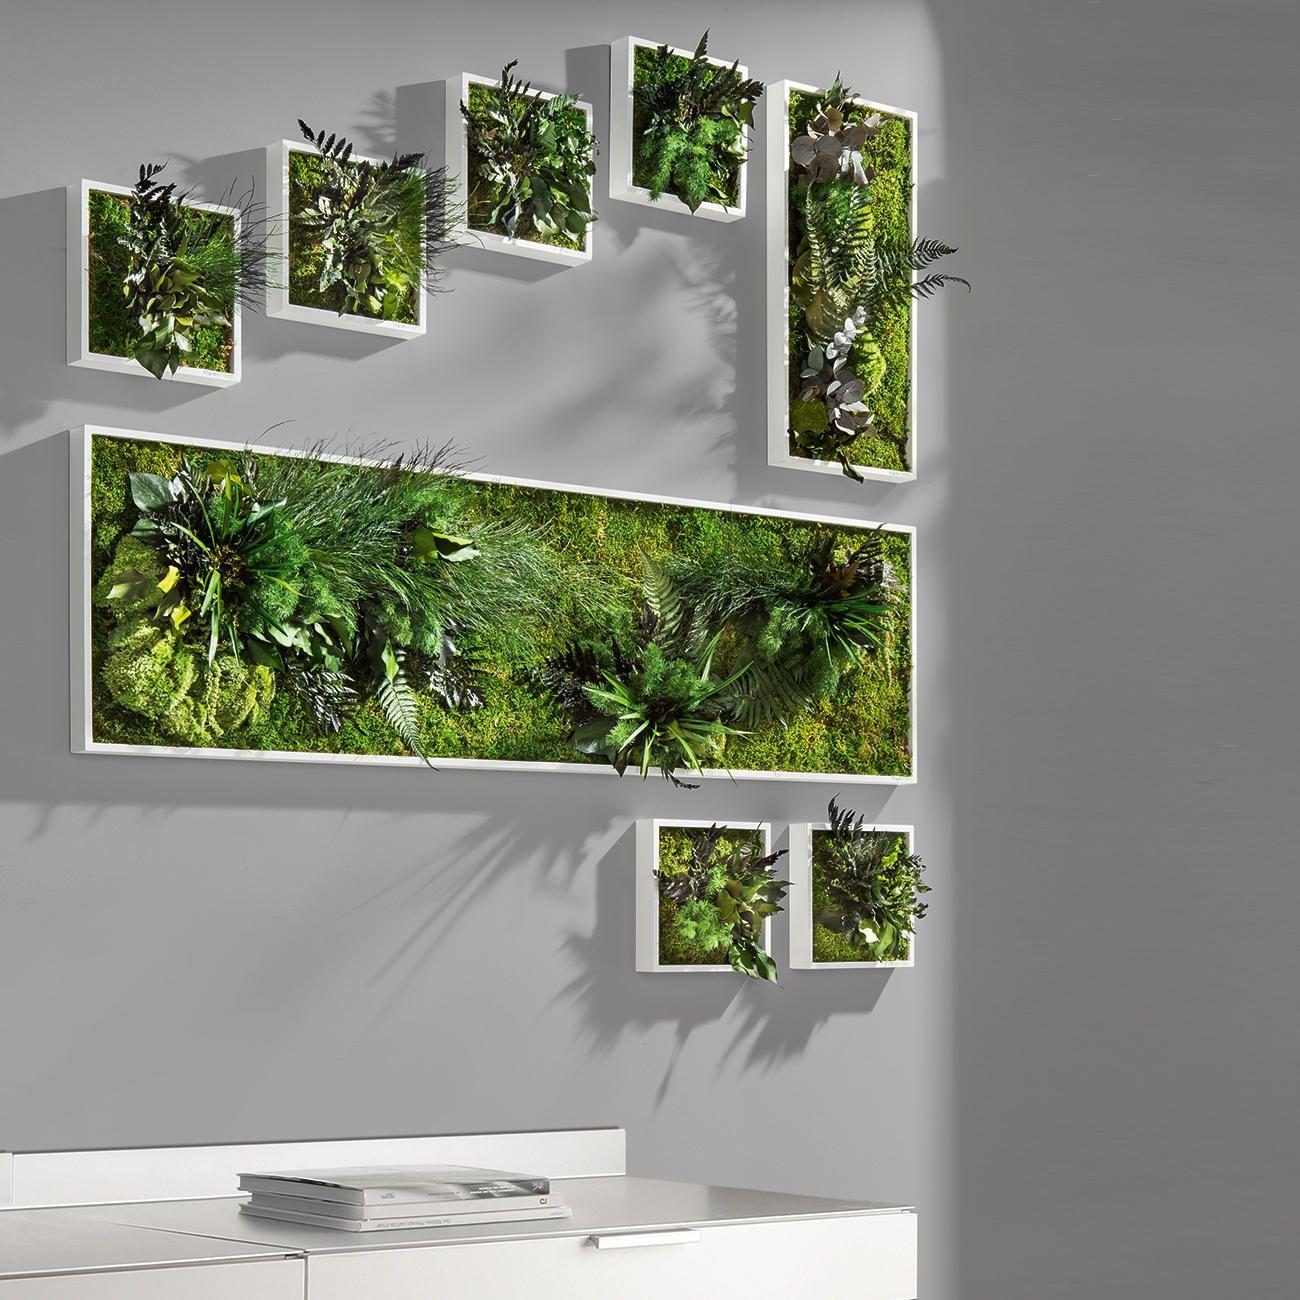 Echtpflanzenbilder 3 Jahre Garantie Pro Idee Pflanzen Wandpflanzen Ummauerter Garten